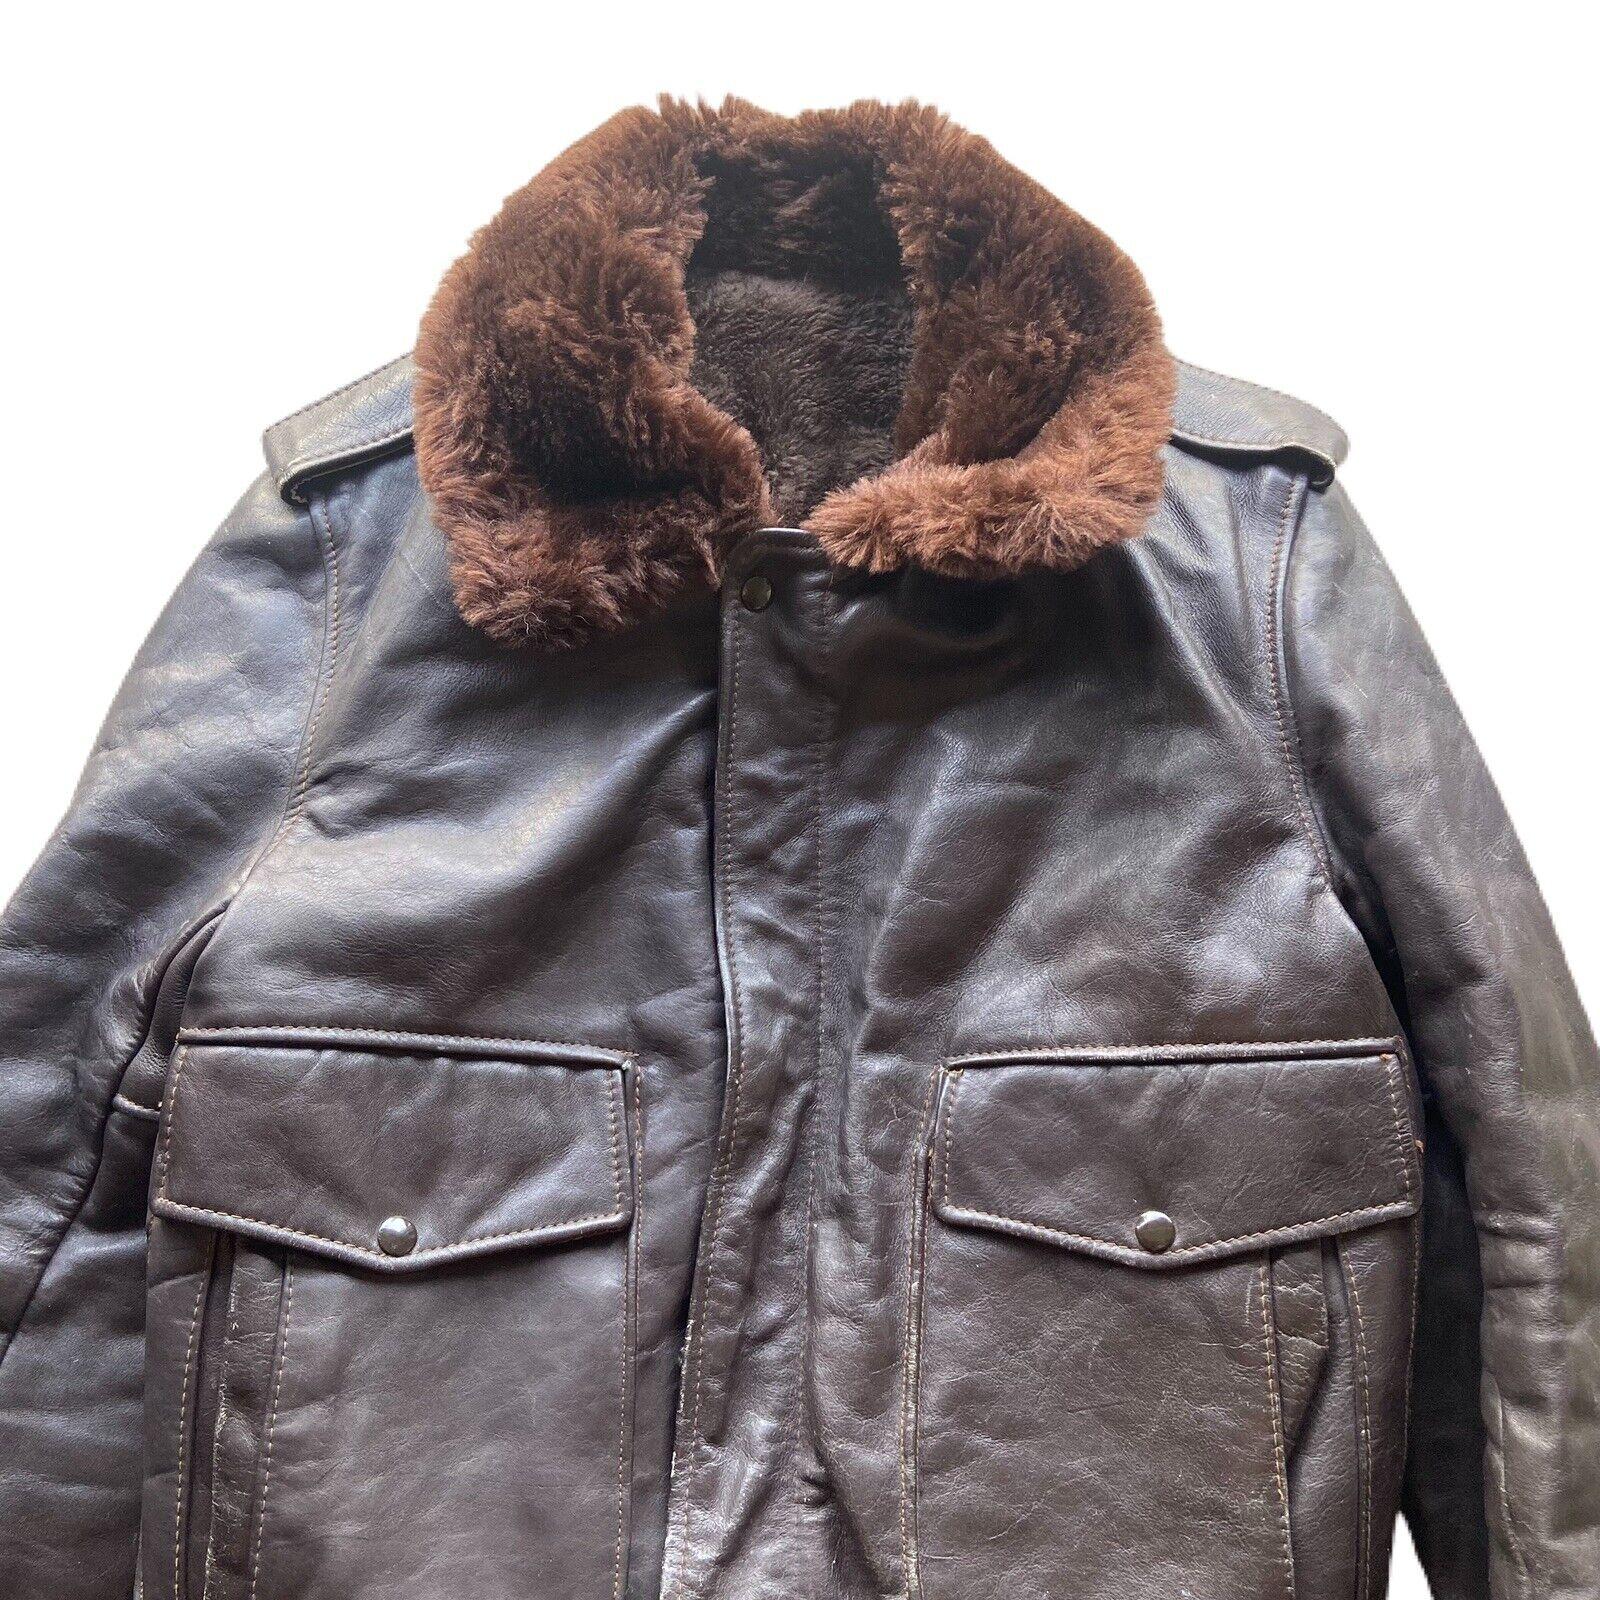 Vintage 60's G-1 Leather Bomber Flight Fur Jacket - image 4